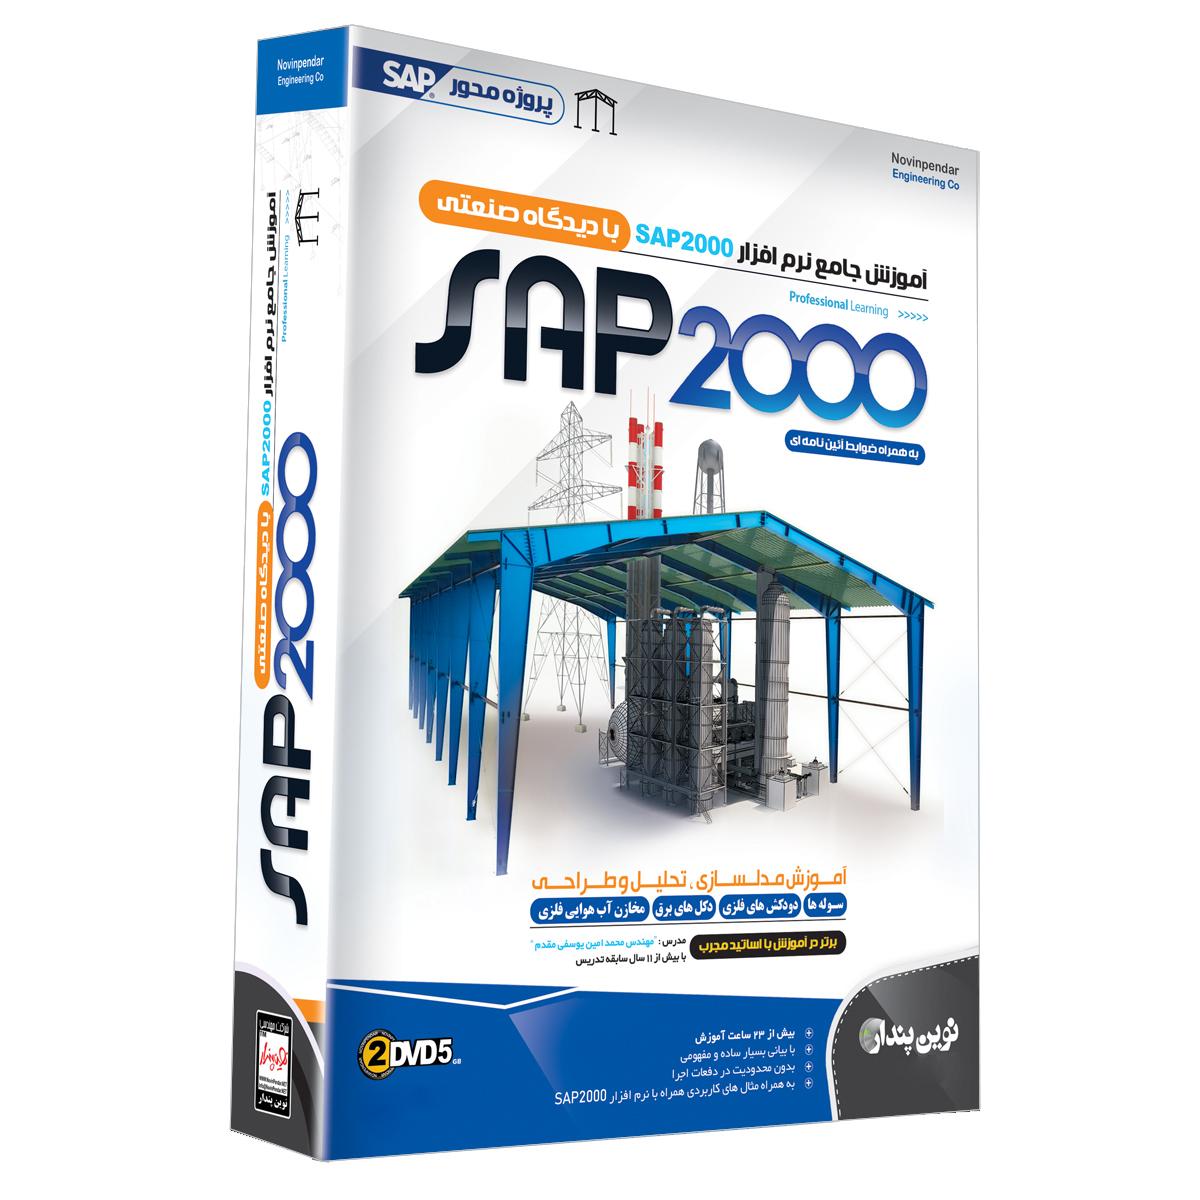 مجموعه آموزش sap 2000 نشر نوین پندار